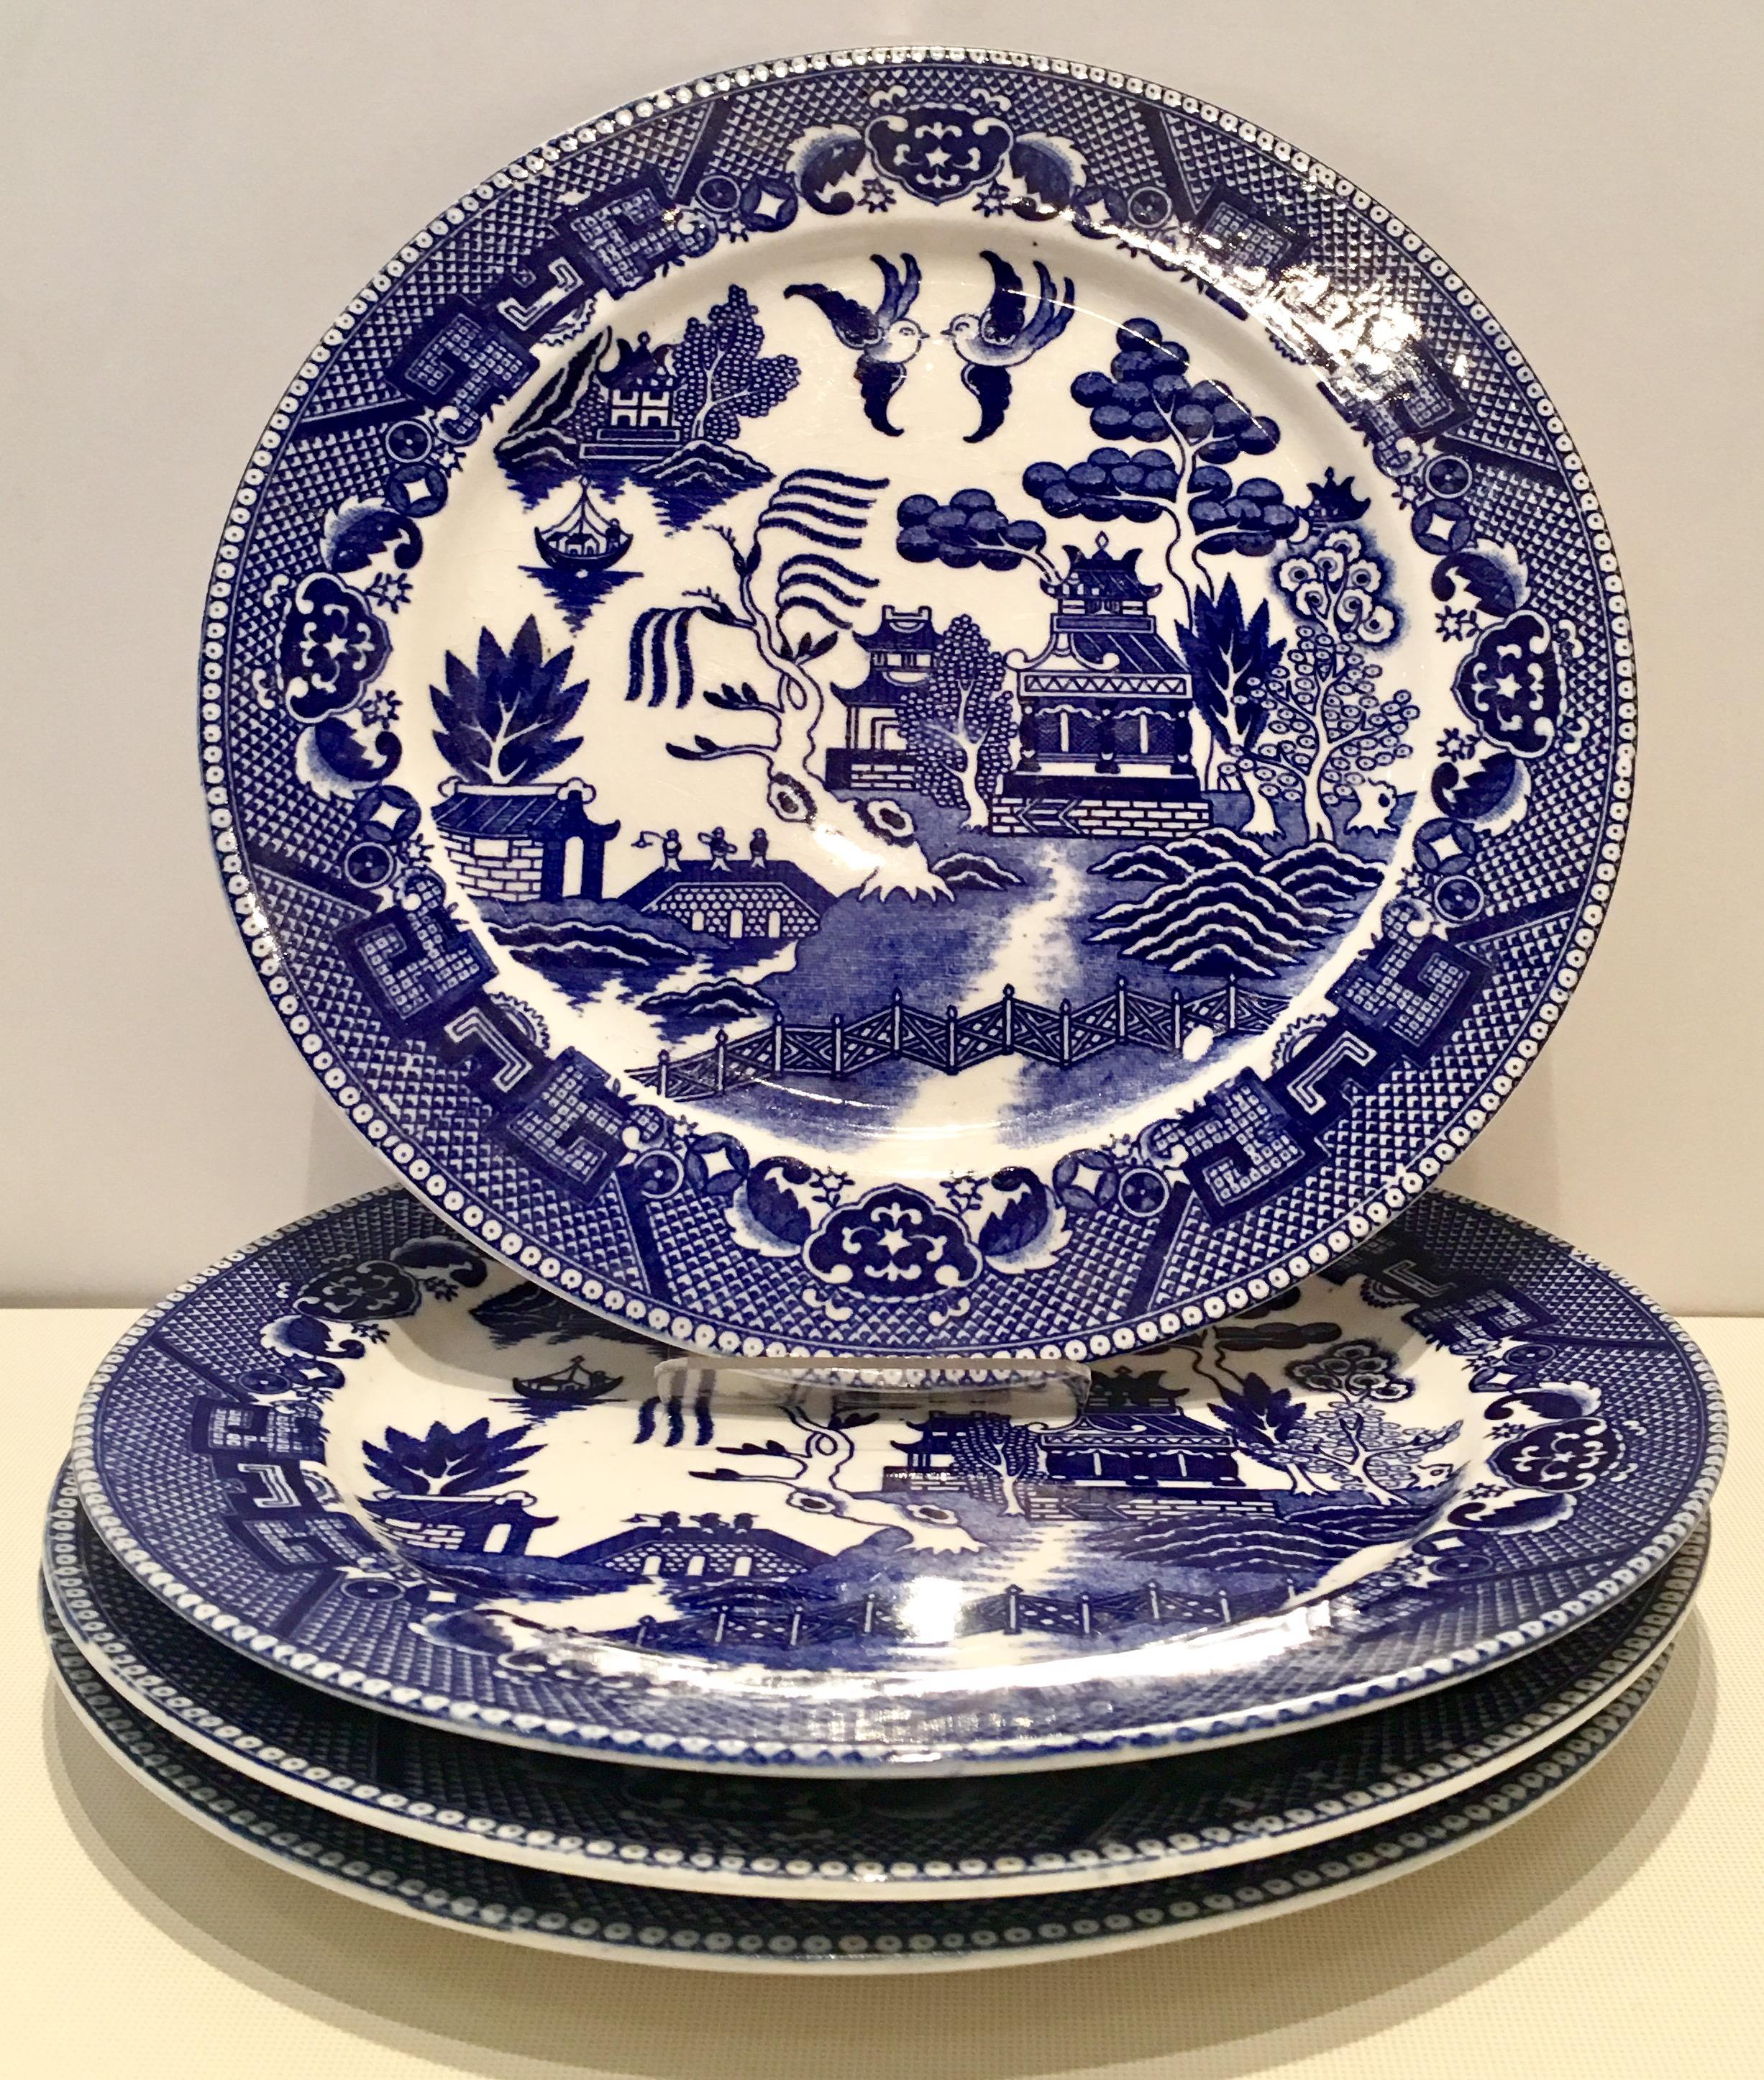 Japanese Blue Willow Dinnerware - Set of 15 - Image 3 of 7  sc 1 st  Chairish & Japanese Blue Willow Dinnerware - Set of 15 | Chairish